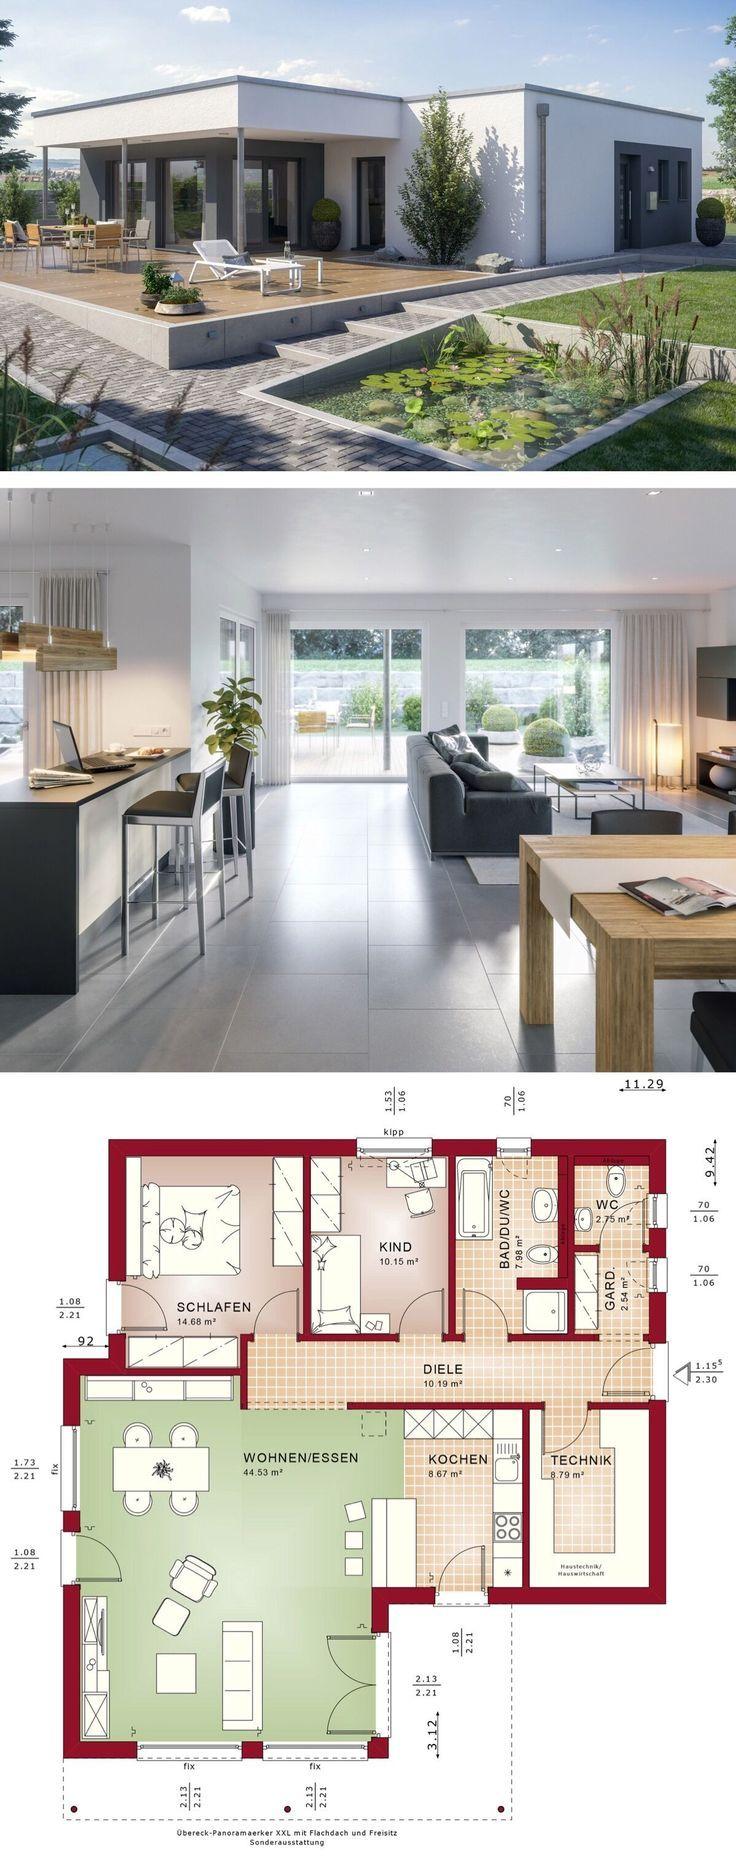 Winkelbungalow modern mit Flachdach Architektur, 3 Zimmer